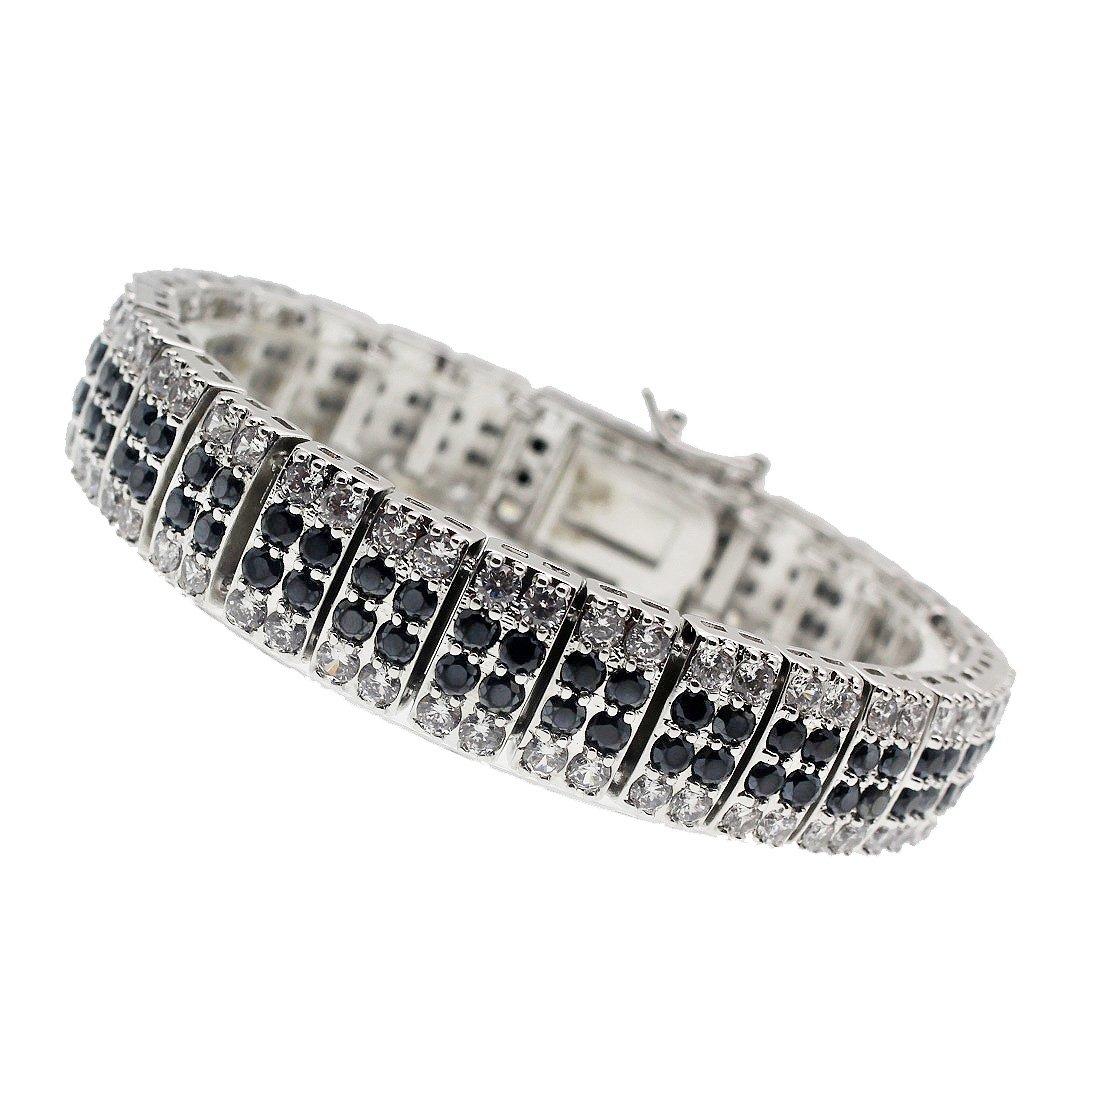 Women Bracelets 925 Sterling Silver Gemstone Black Onyx Cubic Zirconia (Black)